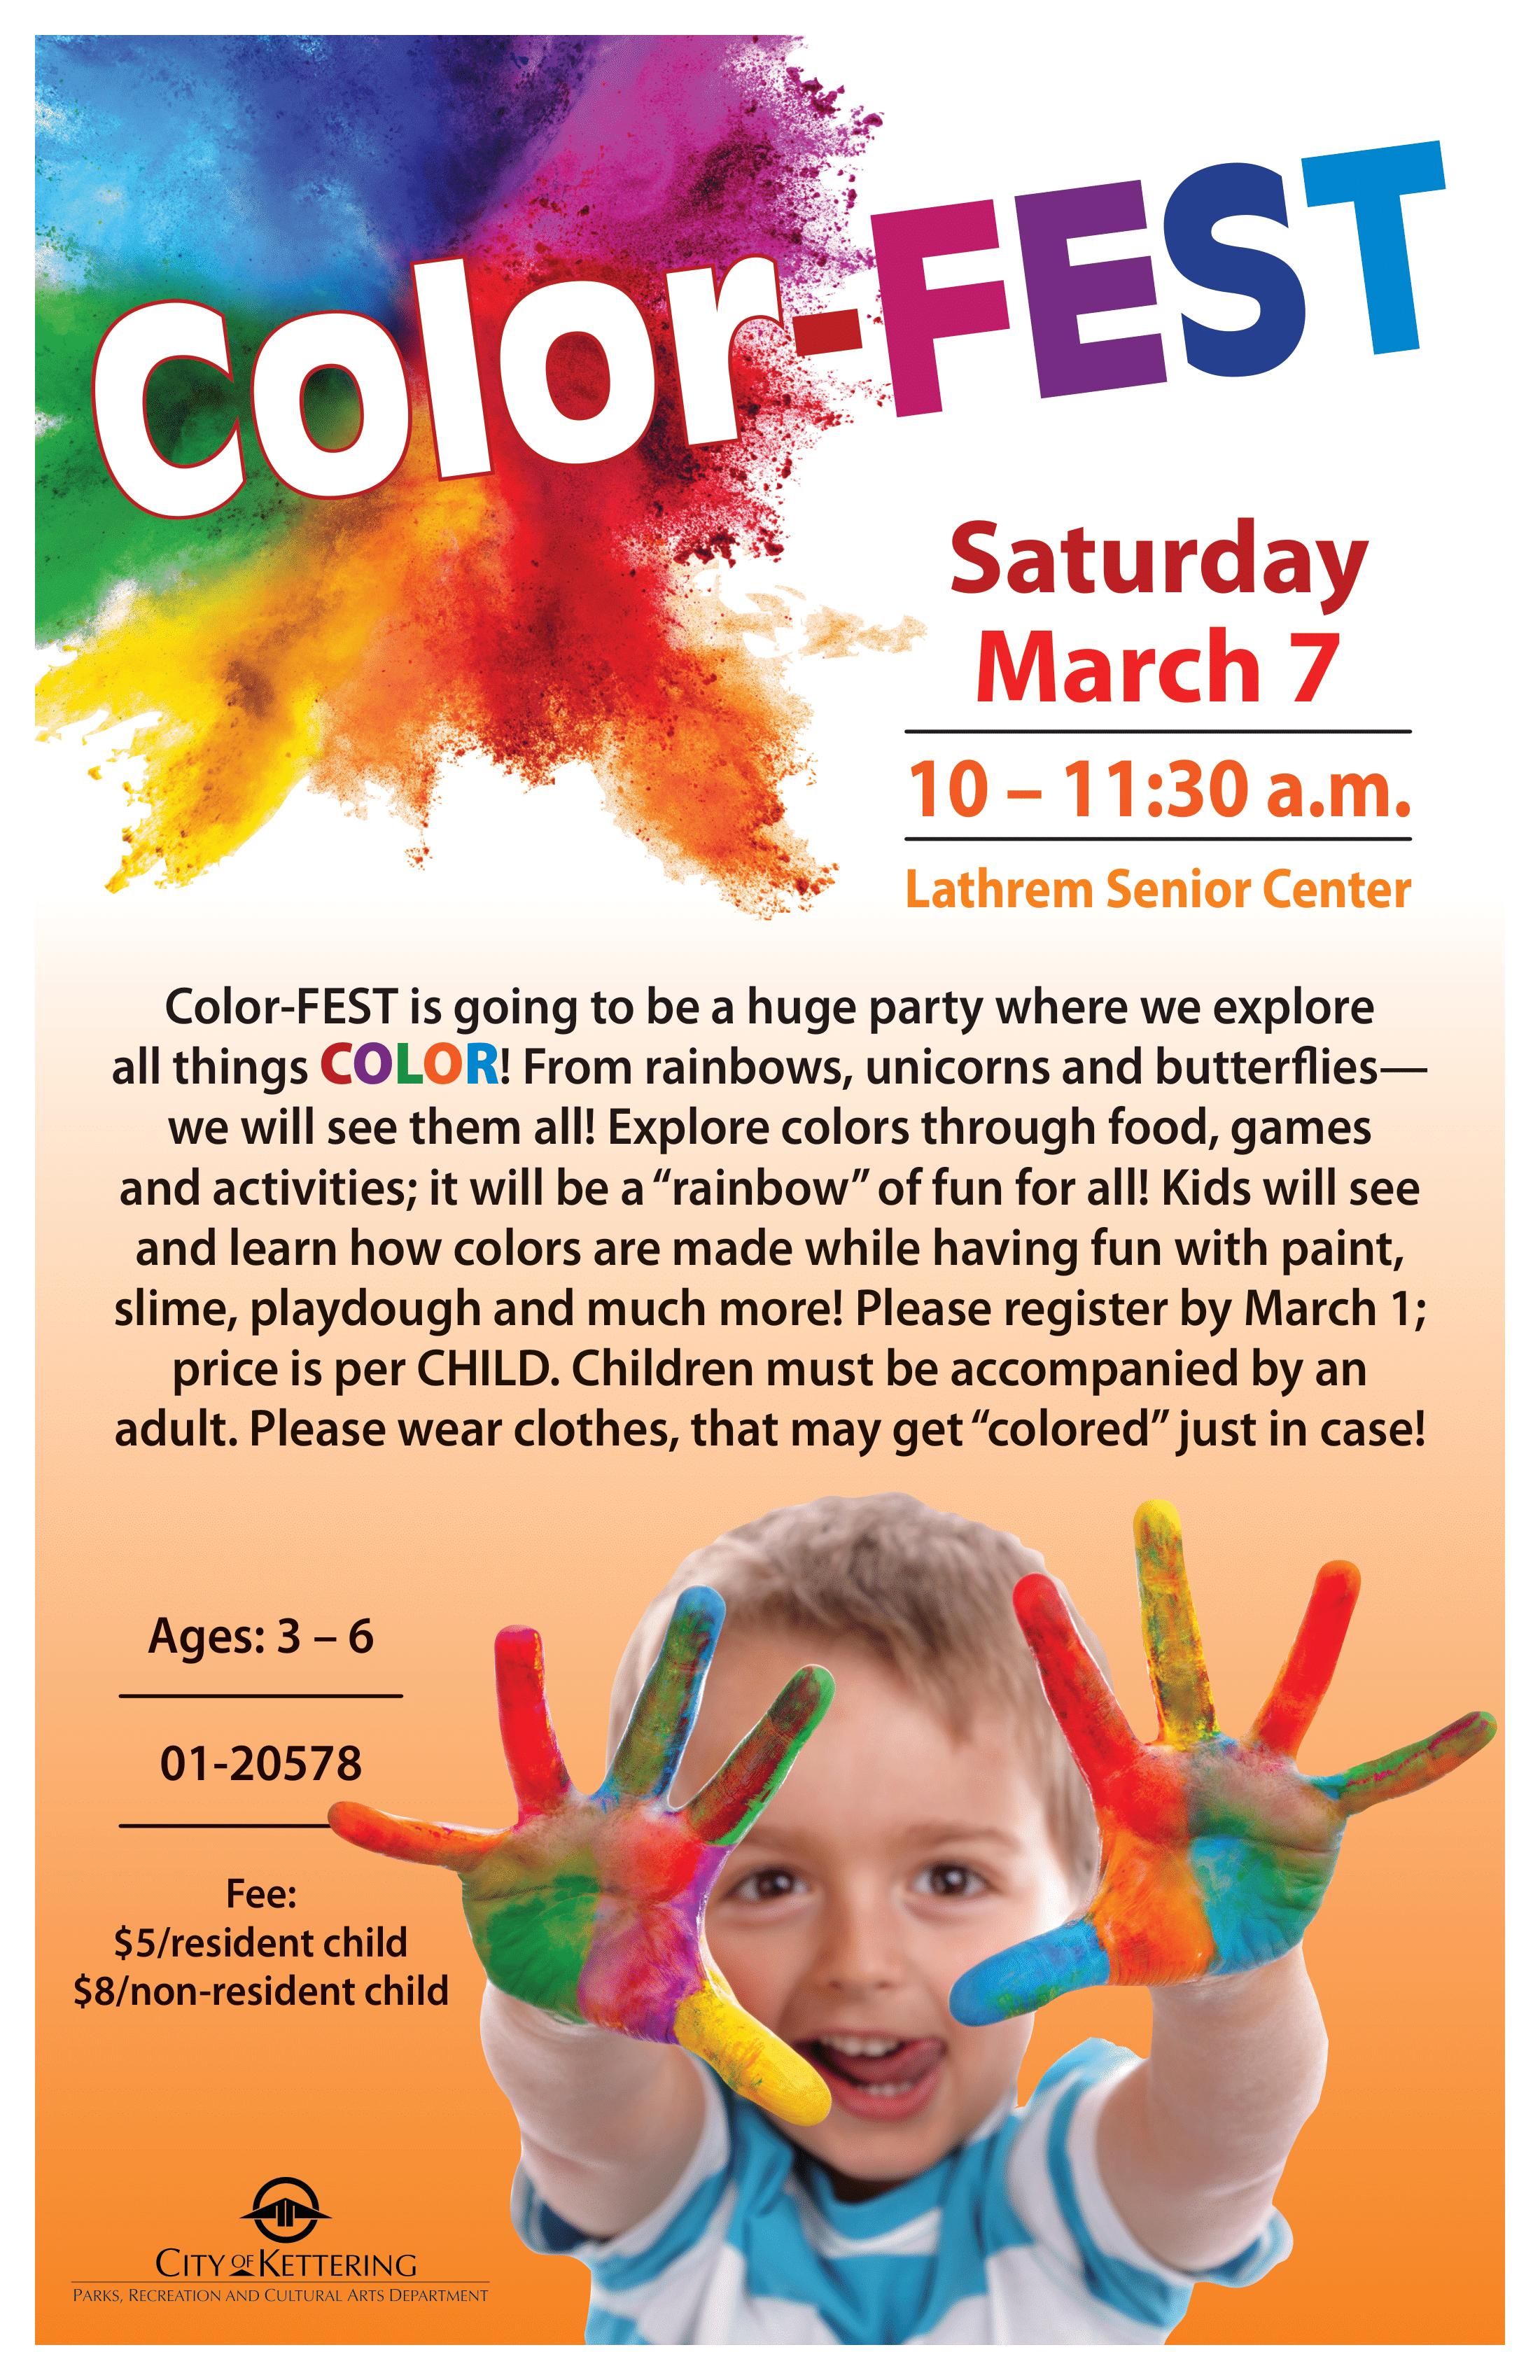 colorfest 20 poster